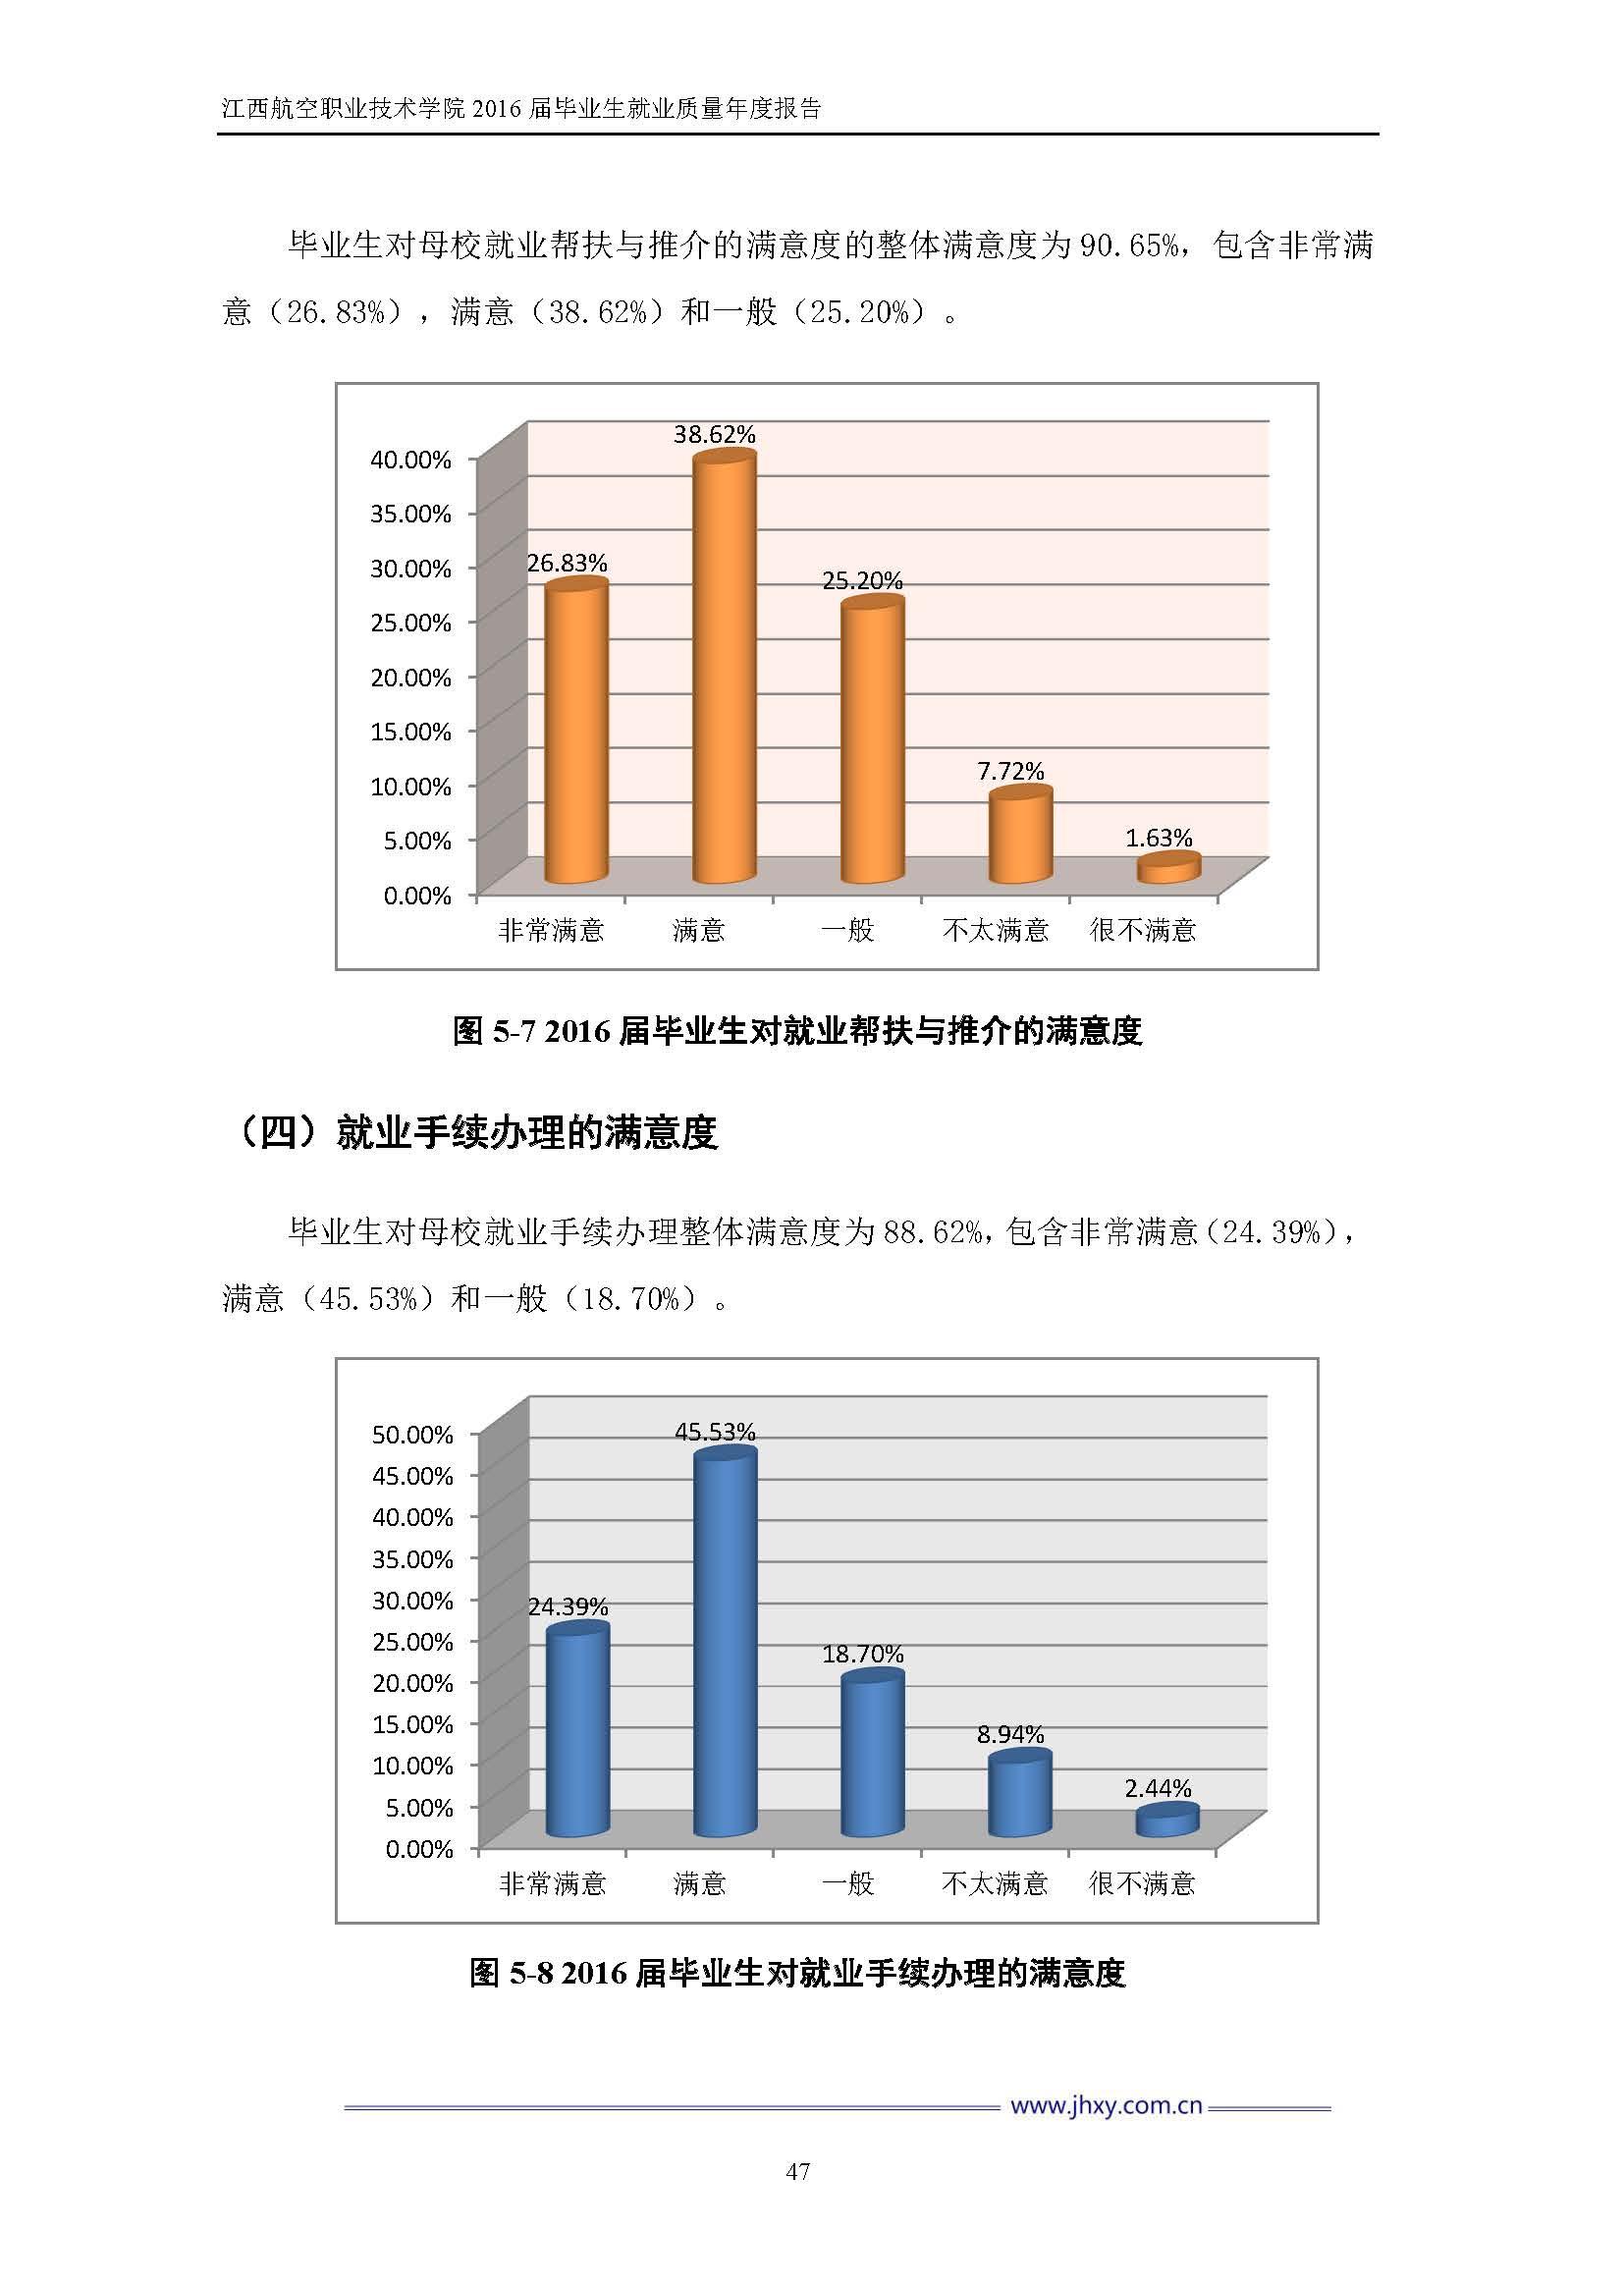 江西航空职业技术学院2016届毕业生就业质量年度报告_Page_54.jpg